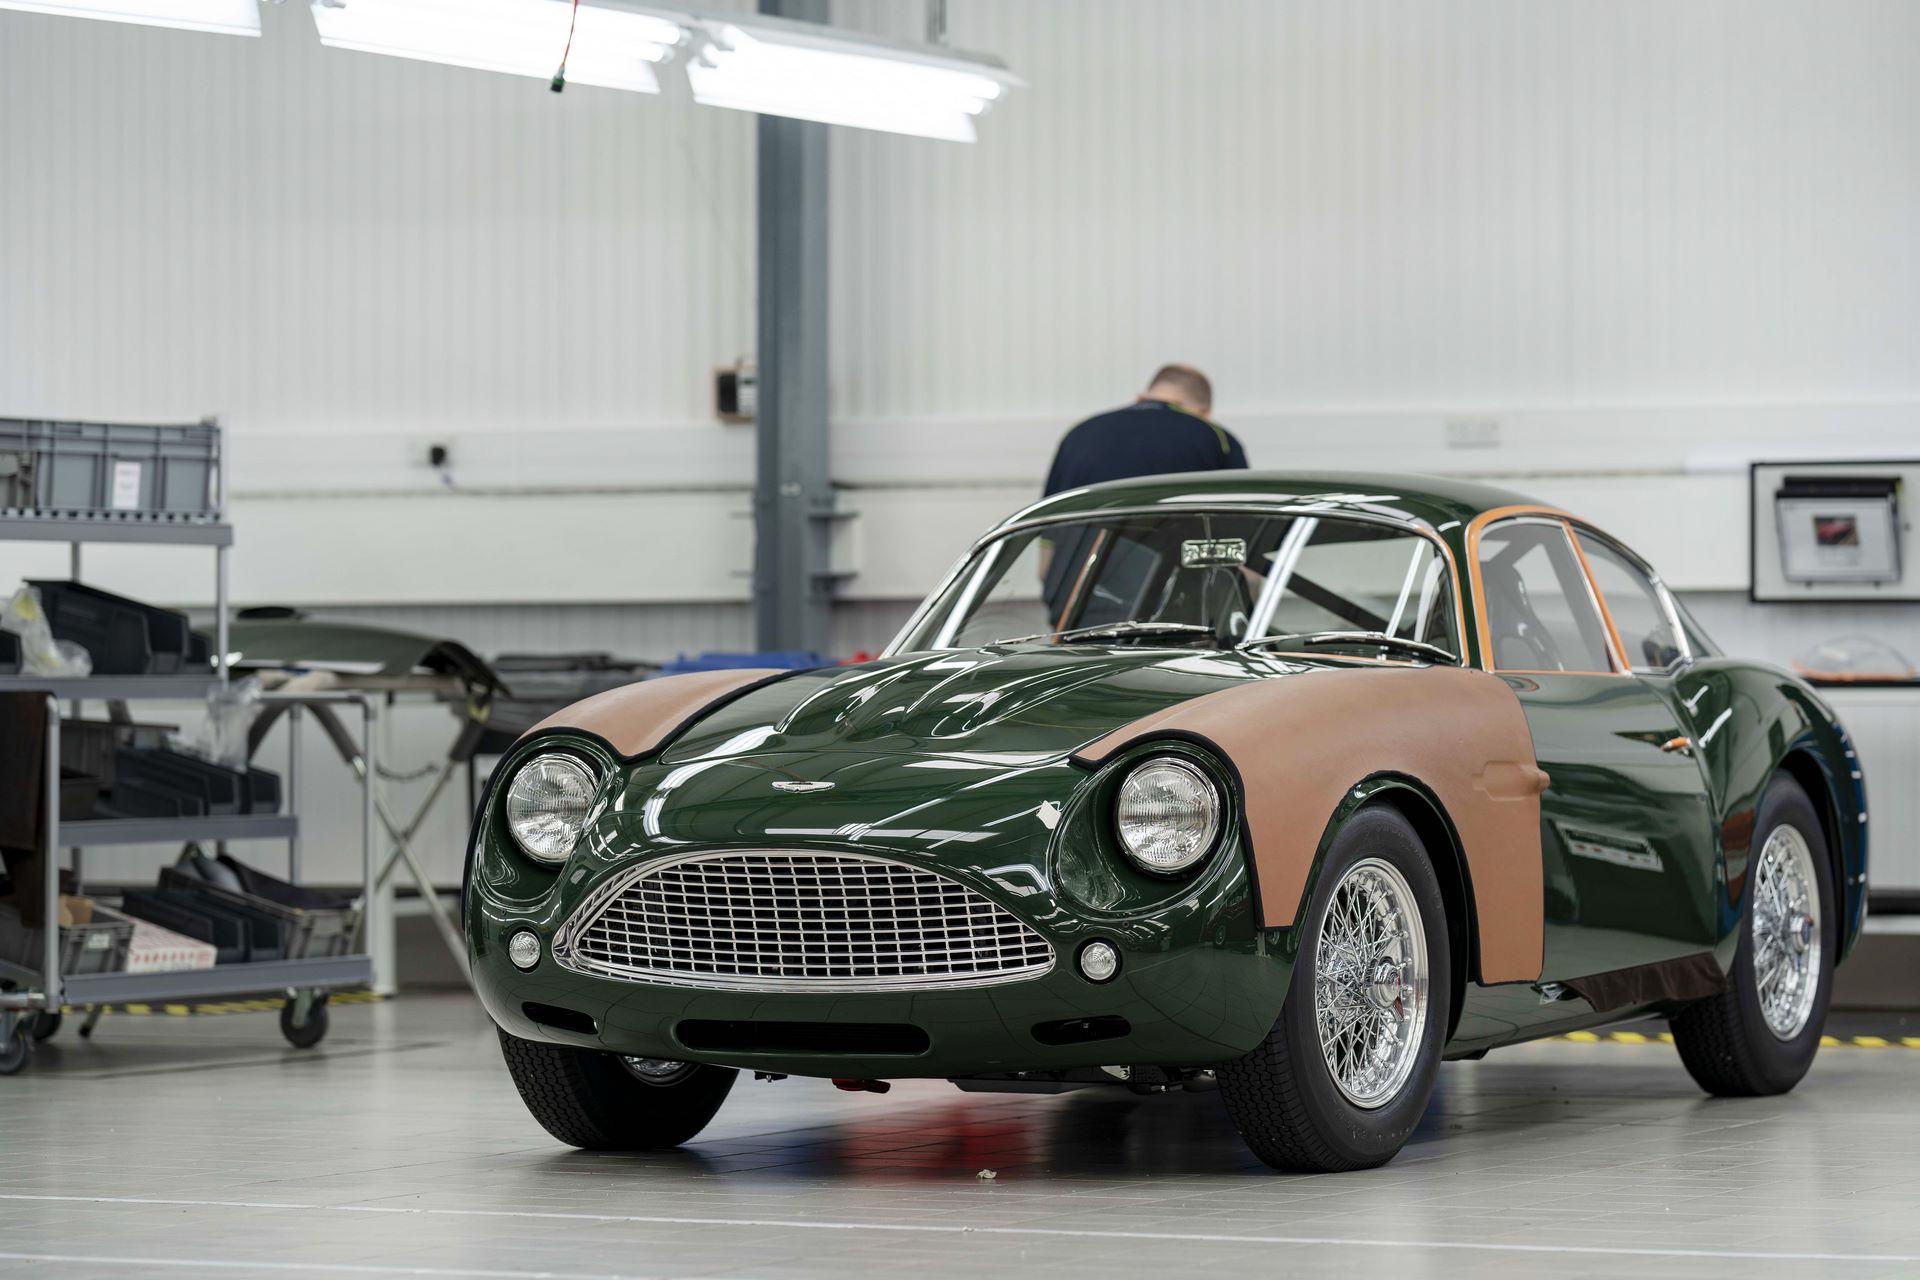 Aston-Martin-DB4-GT-Zagato-Continuation-first-delivery-9